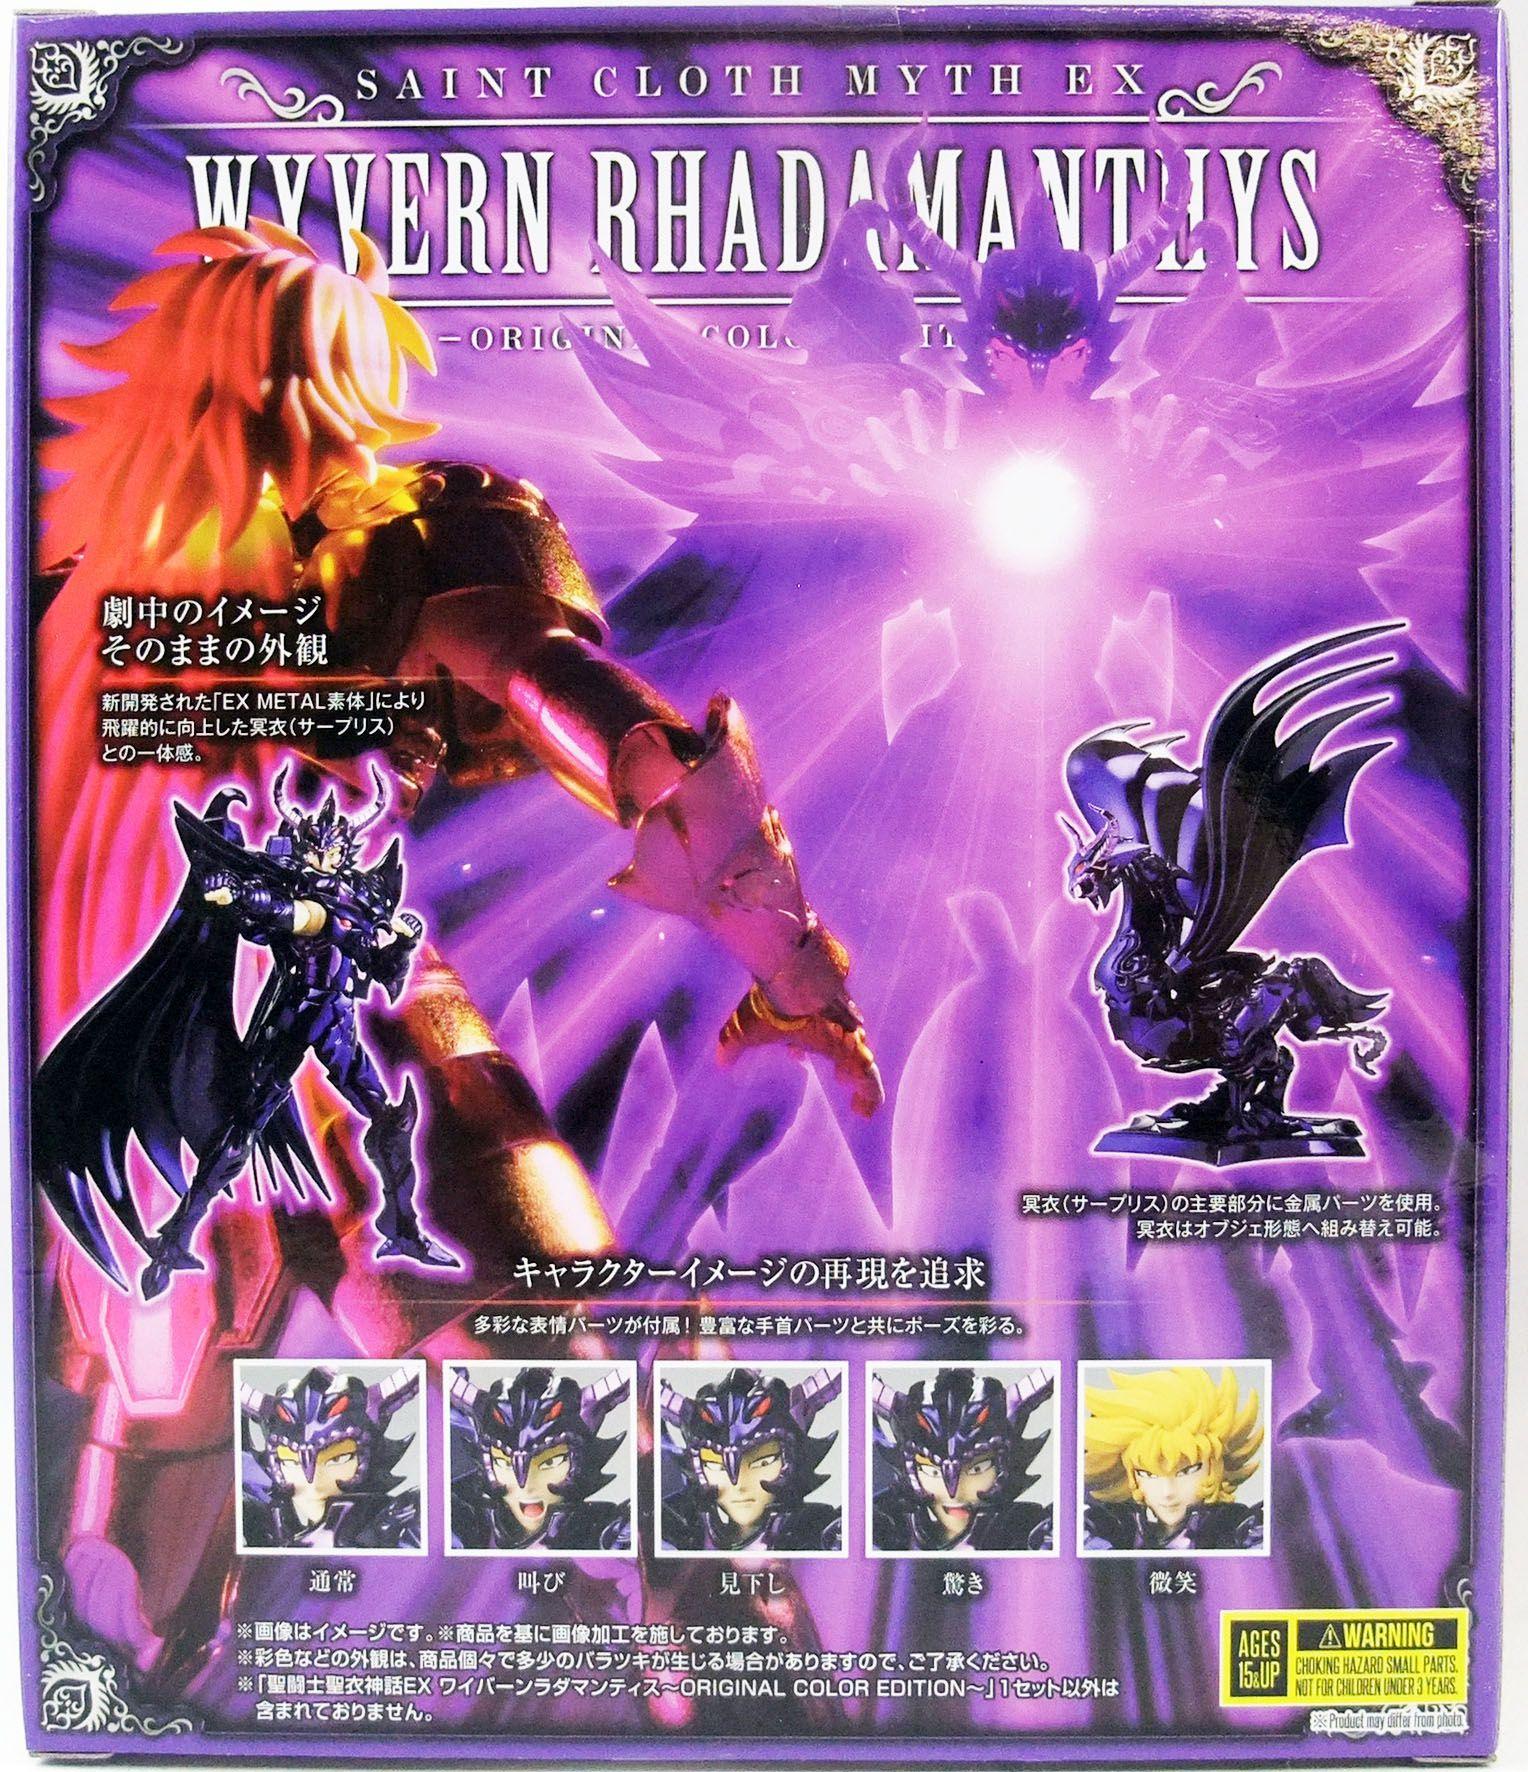 Saint Seiya Myth Cloth EX - Wyvern Rhadamanthys (Original Color Edition)